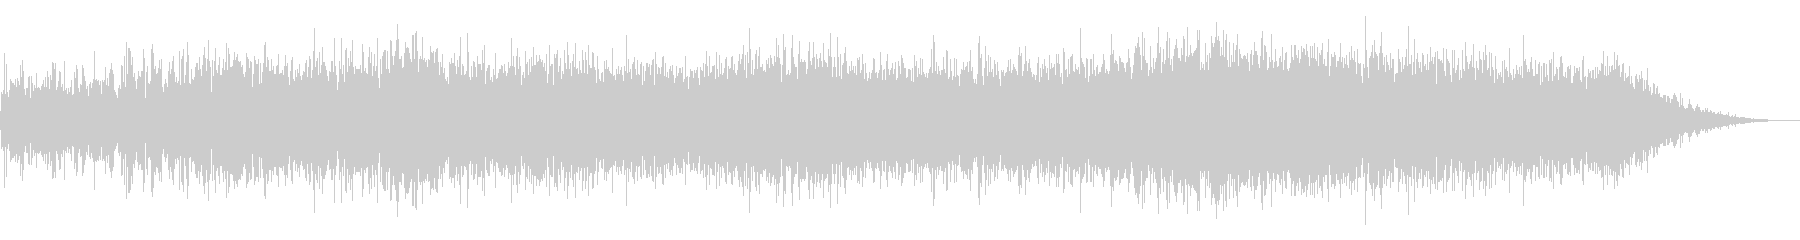 ホラー映画に出てきそうなノイズ系音源15の未再生の波形